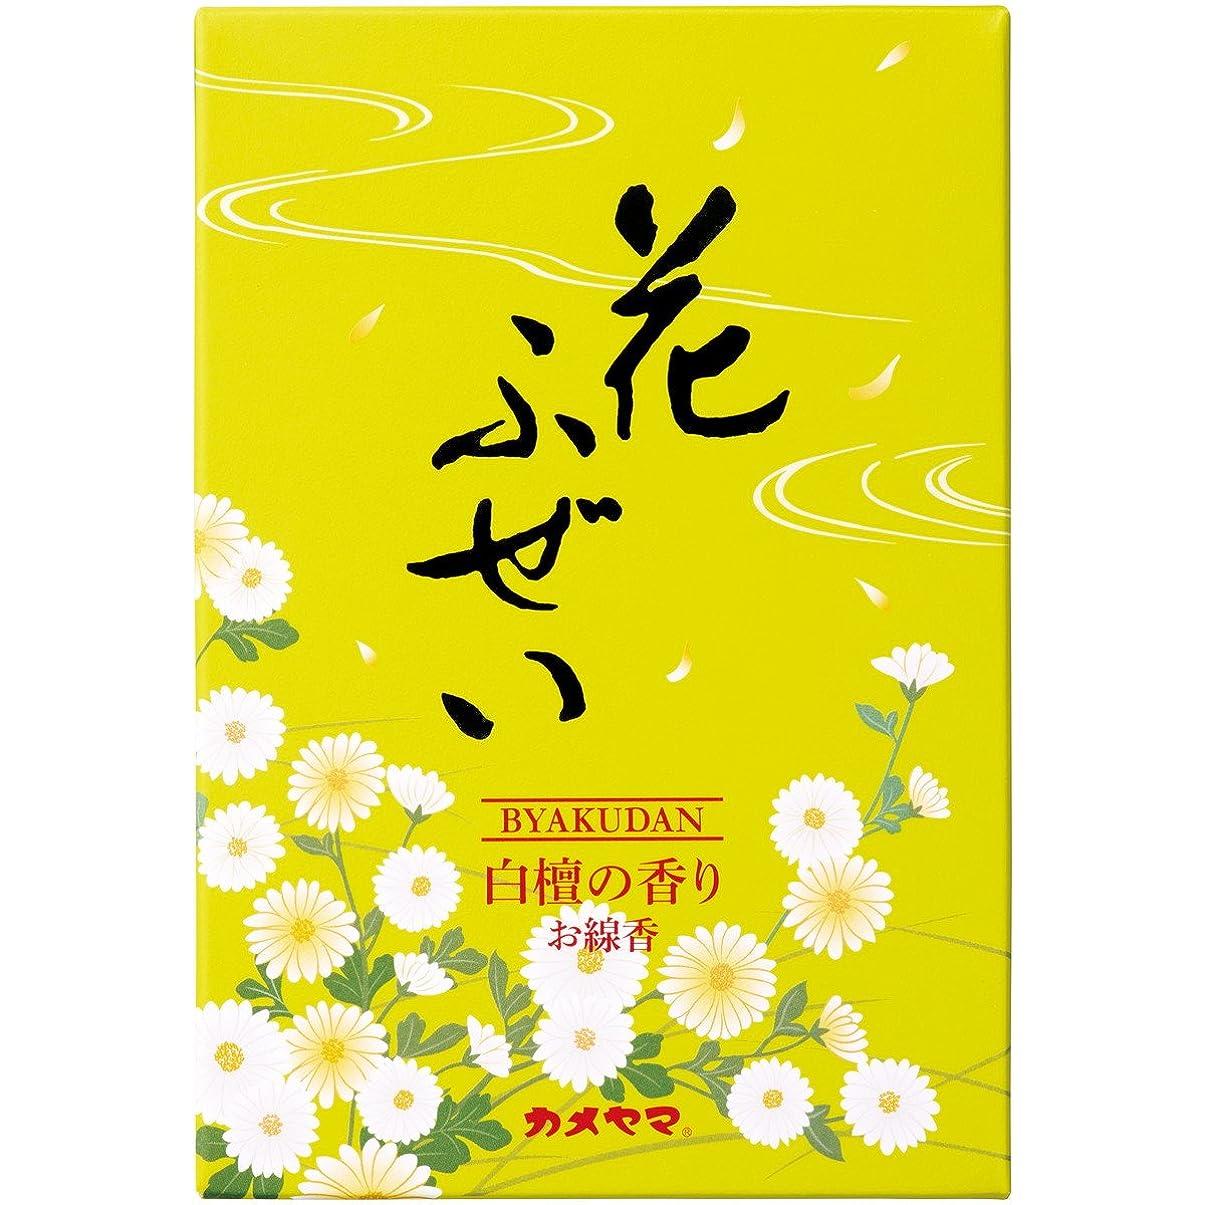 シャッターマインドフル組立カメヤマ 花ふぜい(黄)白檀 徳用大型